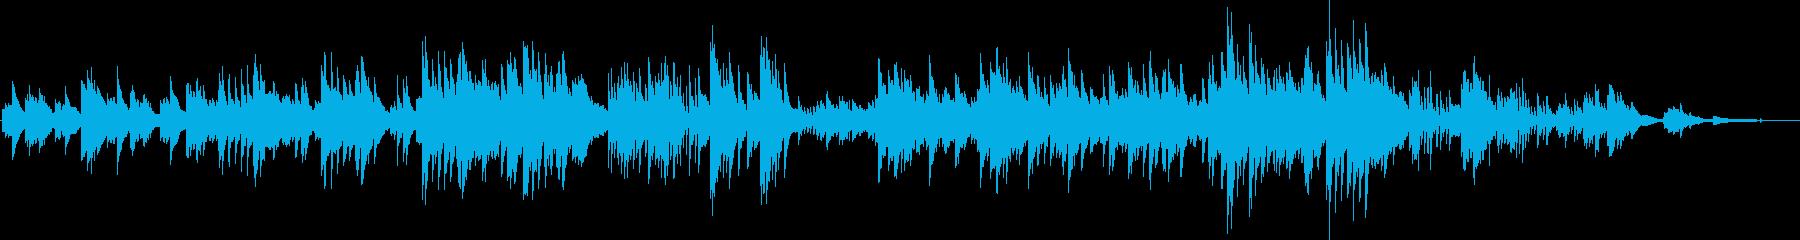 少し寂しい雰囲気のピアノソロバラードですの再生済みの波形